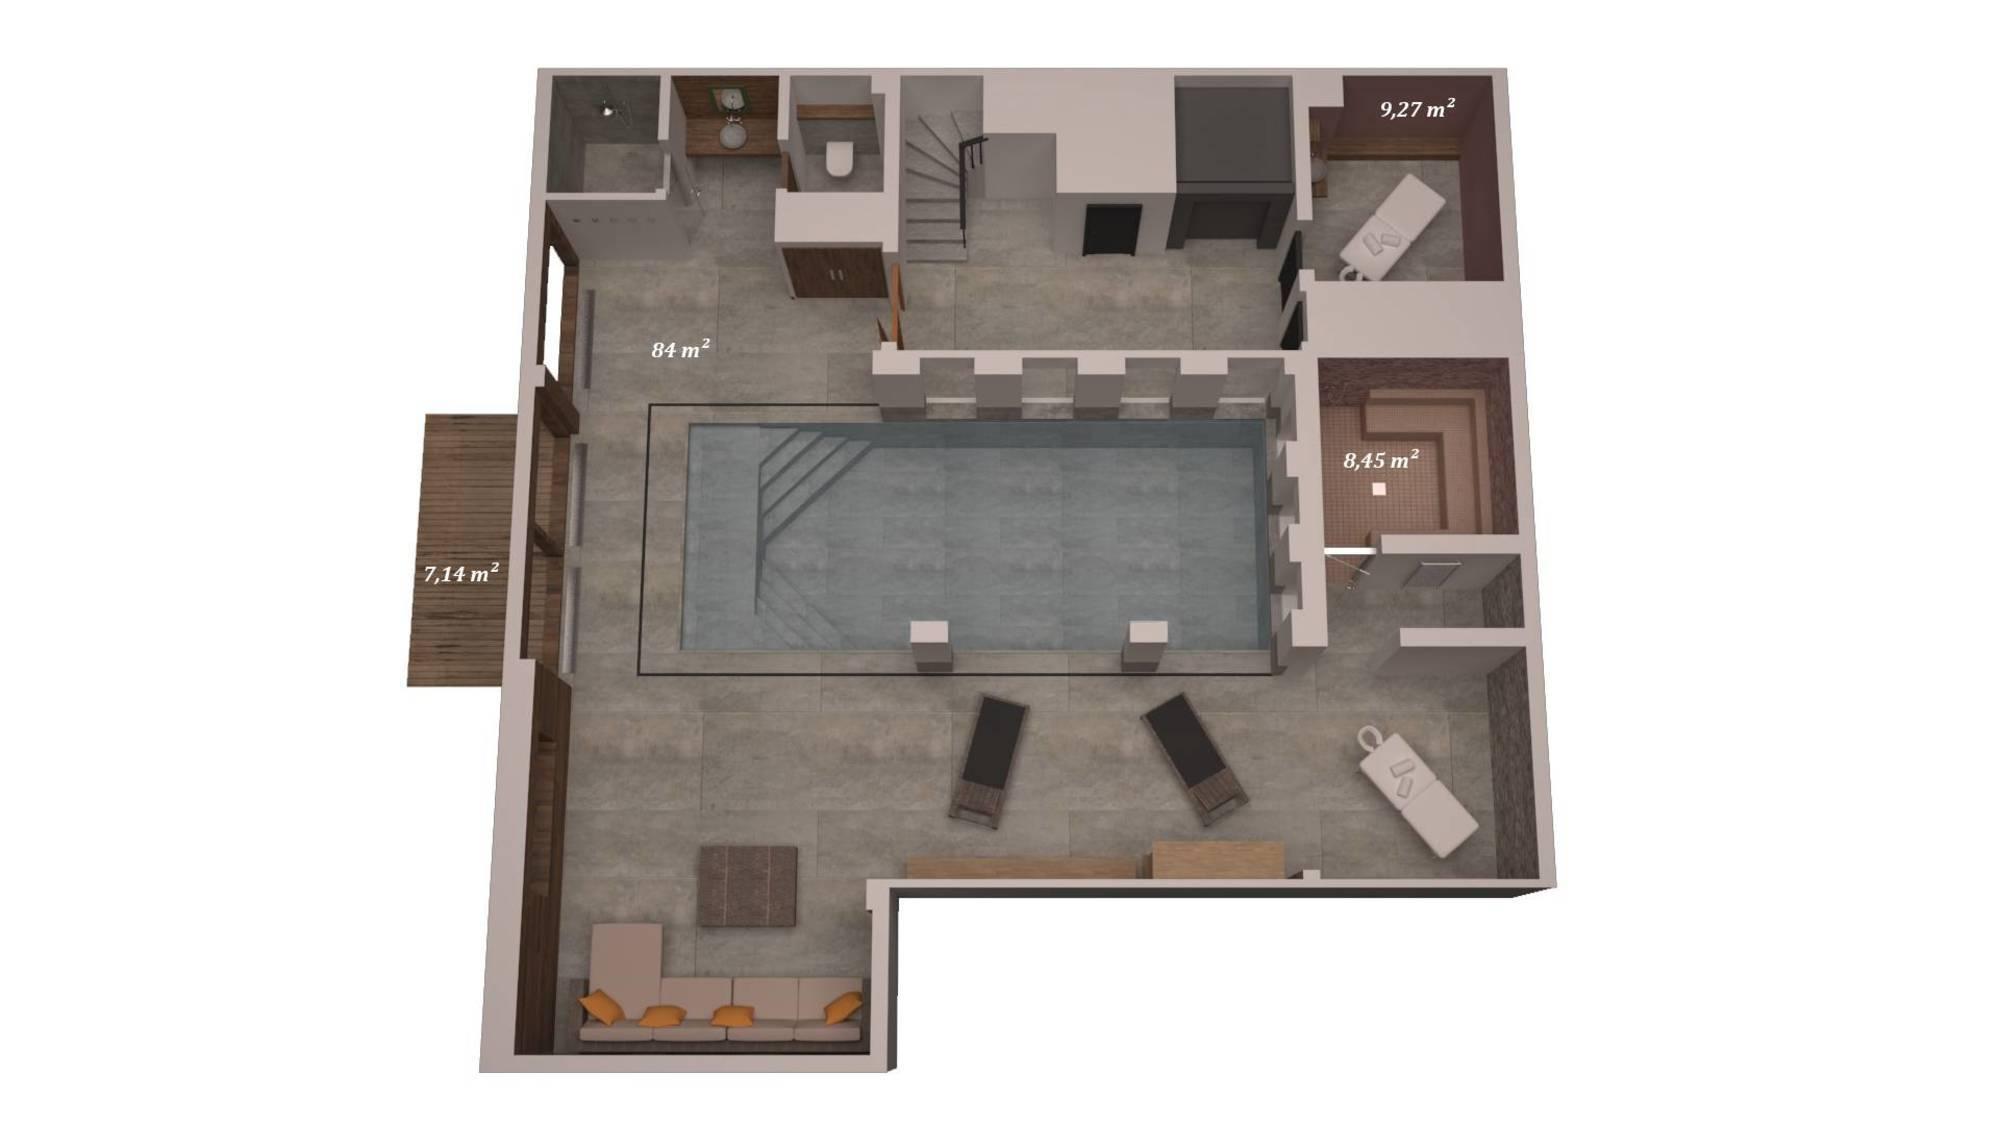 Chalet Queen Mijane Meribel Floor Plan 1